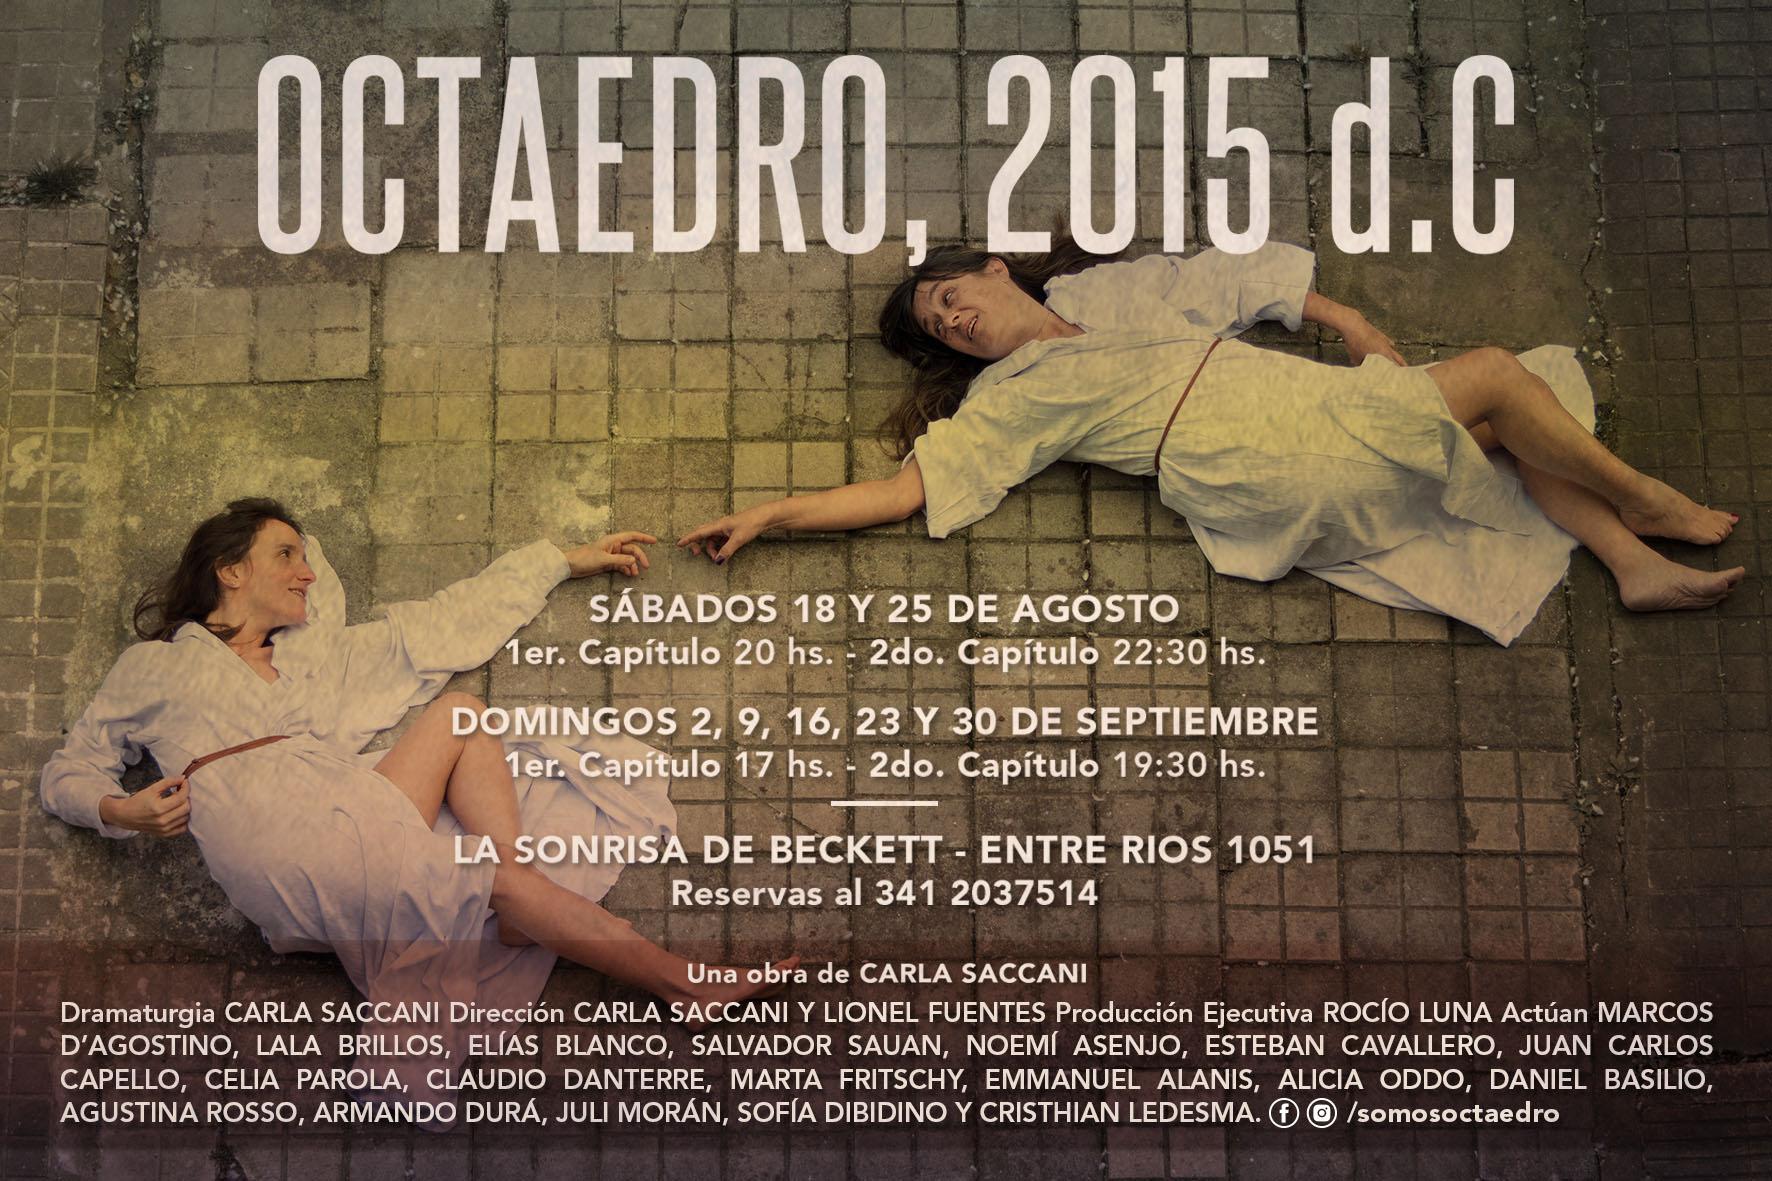 OCTAEDRO 2015 D.C. gran reestreno con nuevo elenco